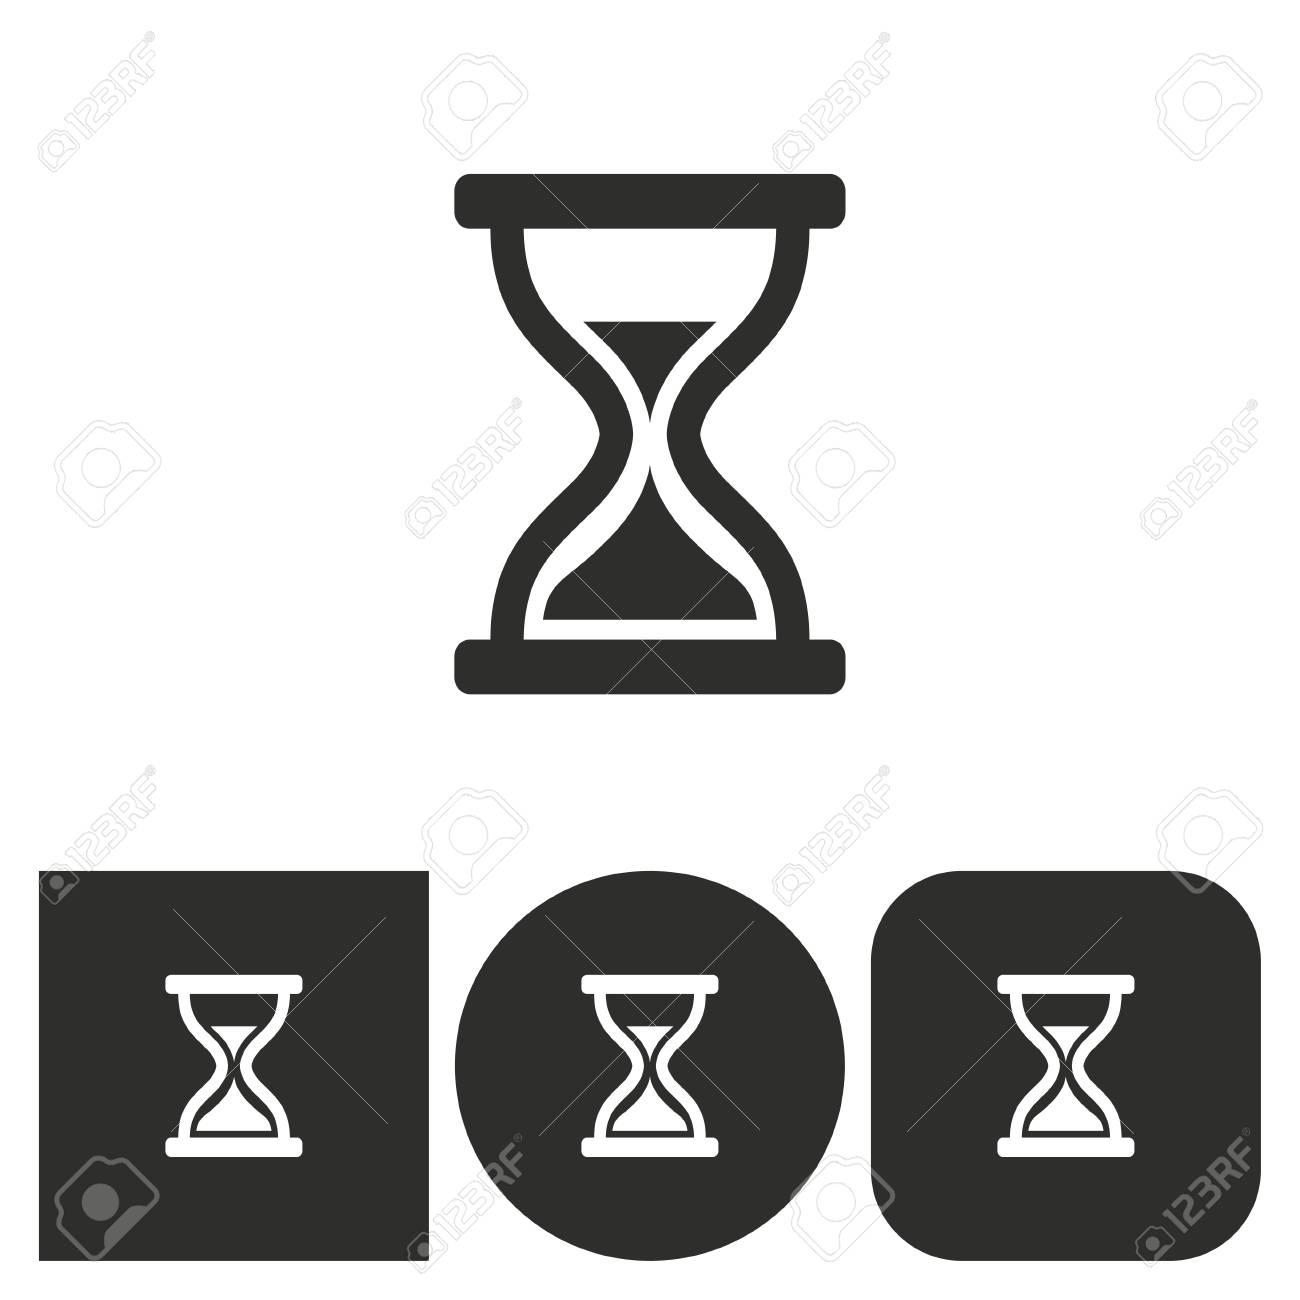 Reloj De Arena Iconos En Blanco Y Negro Ilustración Vectorial